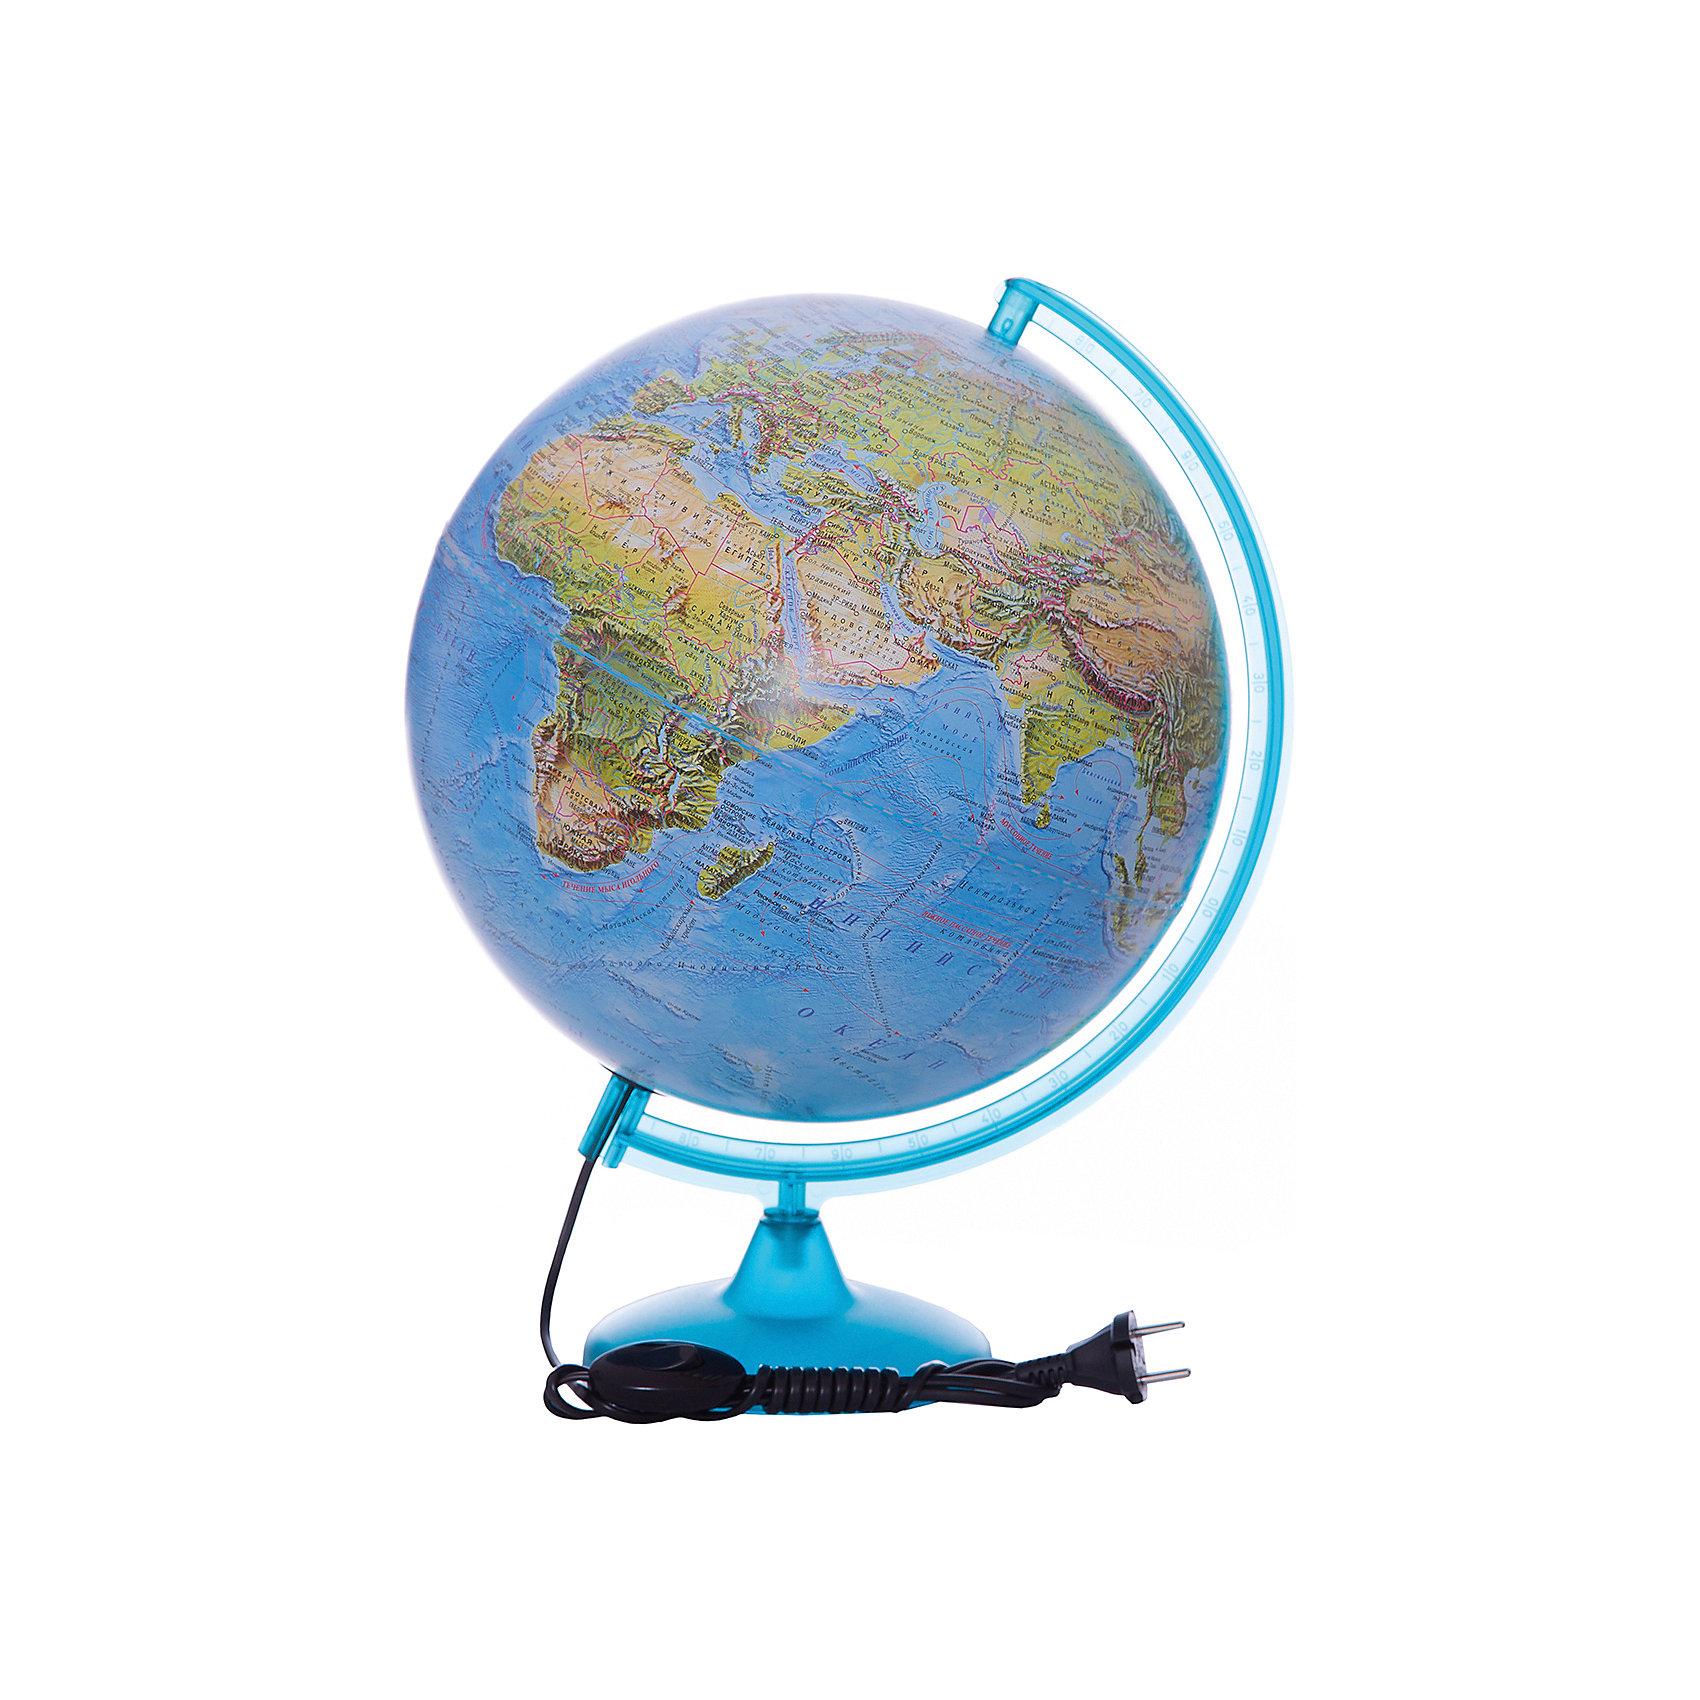 Глобус Земли «Двойная карта» с подсветкой, диаметр 320 ммГлобусы<br>Характеристики товара:<br><br>• возраст от 6 лет;<br>• материал: пластик;<br>• работает от сети<br>• цвет подставки: чёрный<br>• диаметр глобуса 320 мм;<br>• масштаб 1:40000000;<br>• размер упаковки 34,3х34,3х35,5 см;<br>• вес упаковки 1,035 кг;<br>• страна производитель: Россия.<br><br>Глобус Земли «Двойная карта» с подсветкой, 320 мм Глобусный мир — уменьшенная копия нашей планеты. Глобус станет отличным дополнением при изучении географии для школьника или студента. Он позволит познакомиться поближе с нашей планетой, на нем нанесены моря, океаны, глубоководные впадины, материки и острова, горы и возвышенности. Глобус оснащен подсветкой, которая работает от сети.<br><br>Глобус Земли «Двойная карта» с подсветкой, 320 мм Глобусный мир можно приобрести в нашем интернет-магазине.<br><br>Ширина мм: 343<br>Глубина мм: 343<br>Высота мм: 355<br>Вес г: 1035<br>Возраст от месяцев: 72<br>Возраст до месяцев: 2147483647<br>Пол: Унисекс<br>Возраст: Детский<br>SKU: 5518223